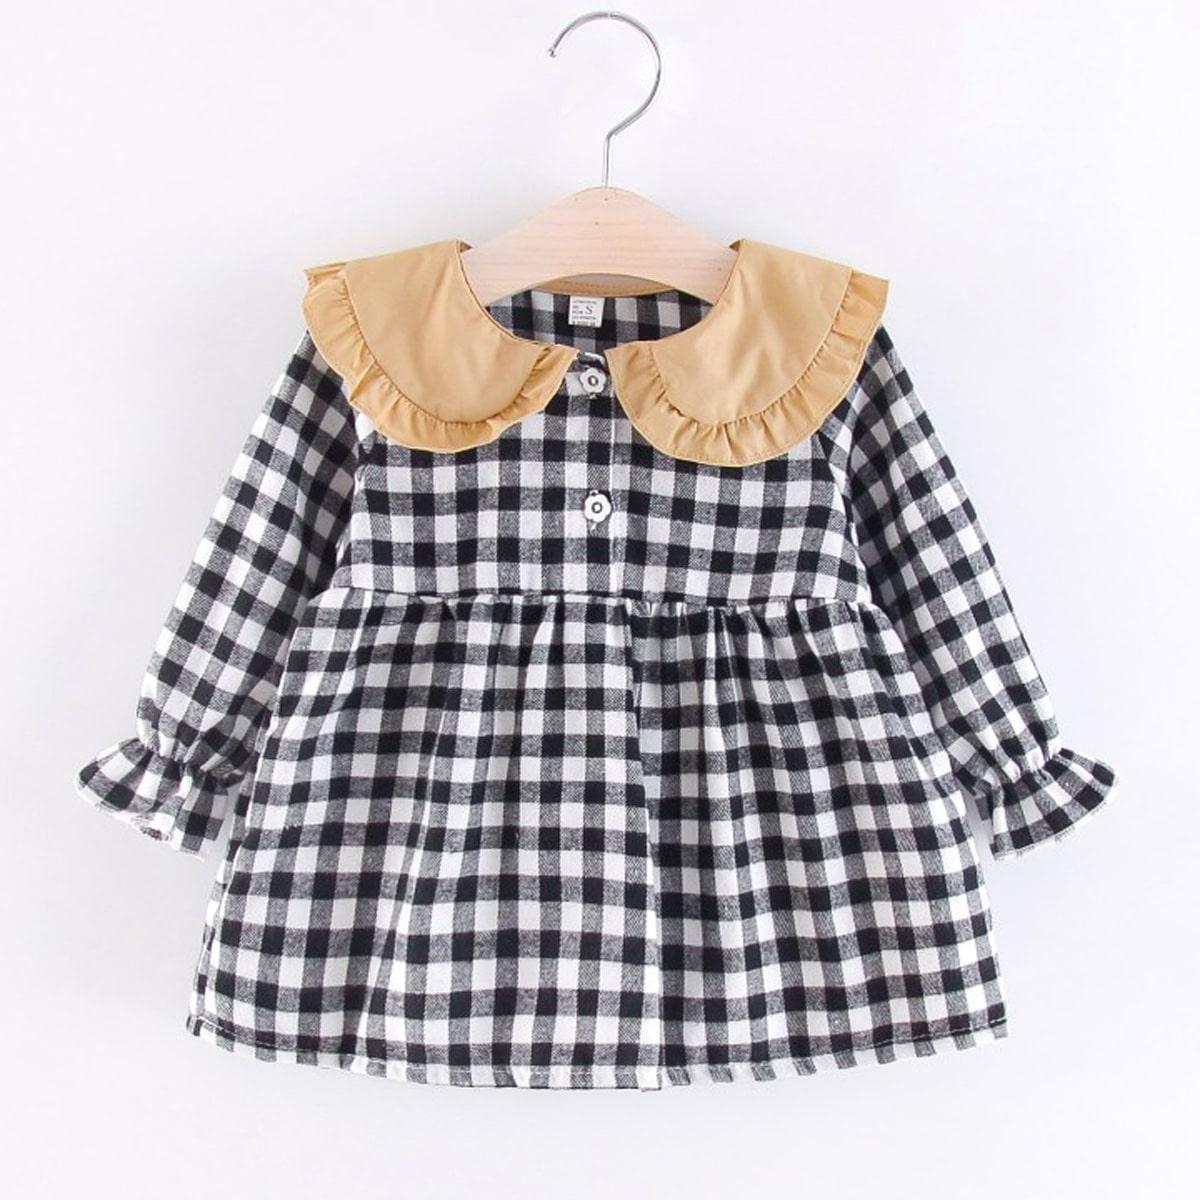 Оборка клетка институтский блузы для девочек